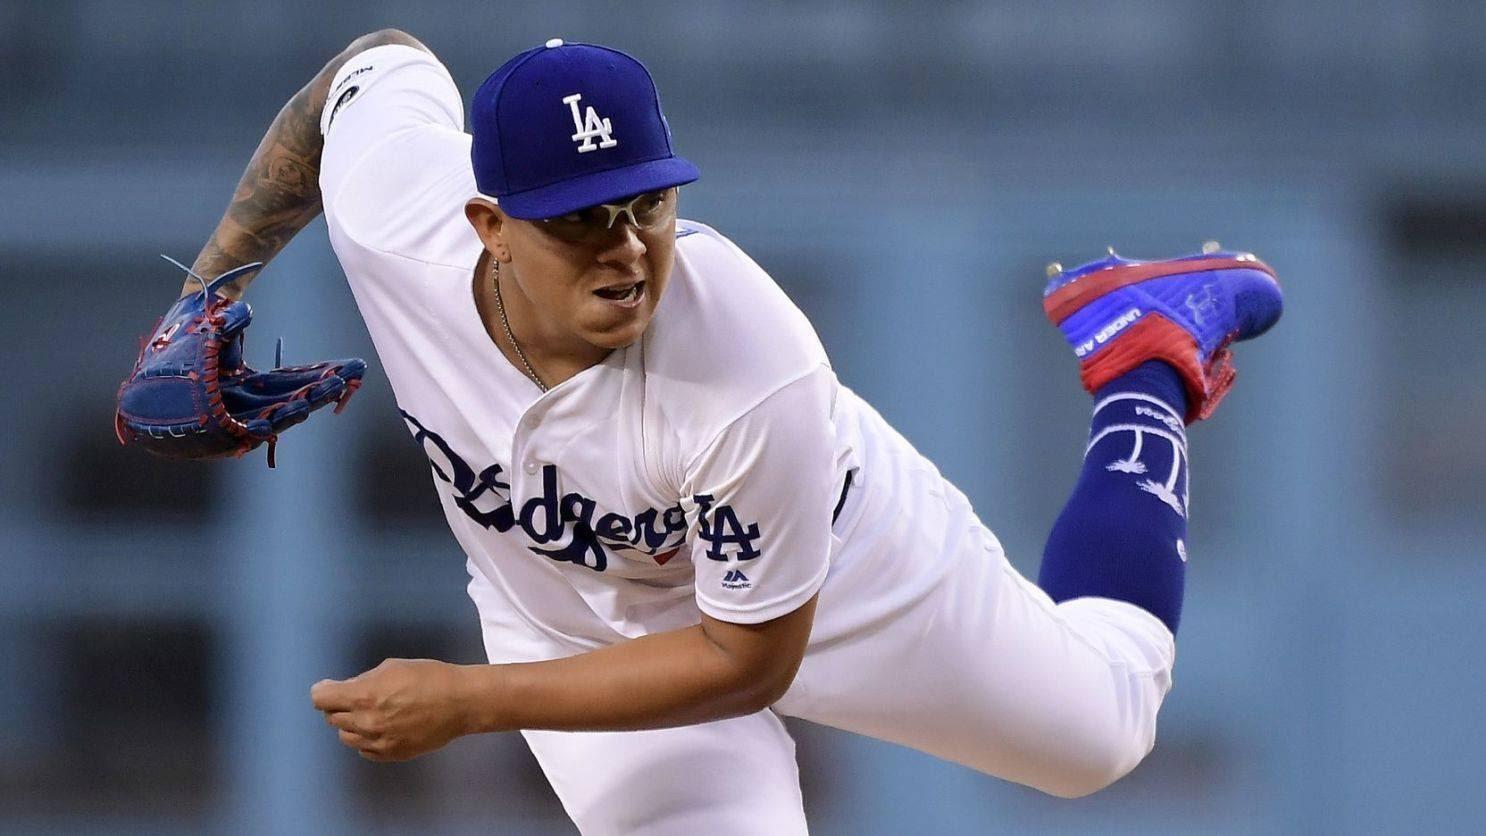 Jugador de béisbol en las manos  Descripción generada automáticamente